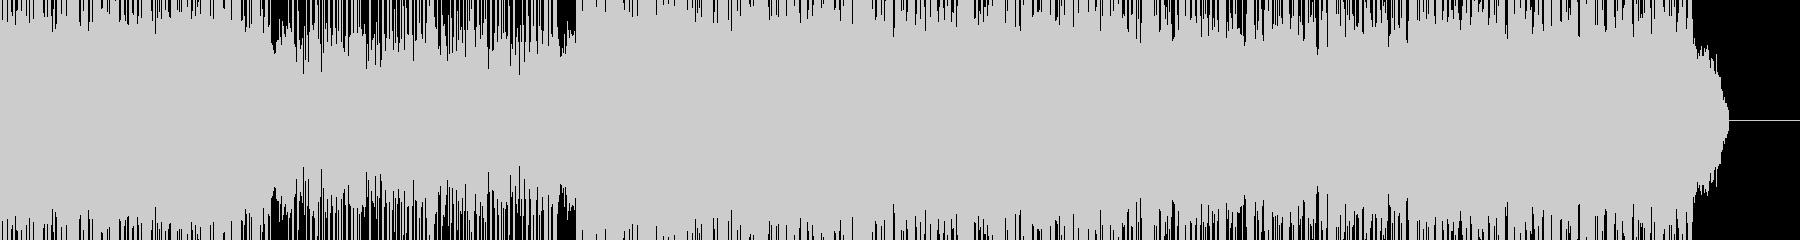 戦闘シーン用デジタルロックの未再生の波形